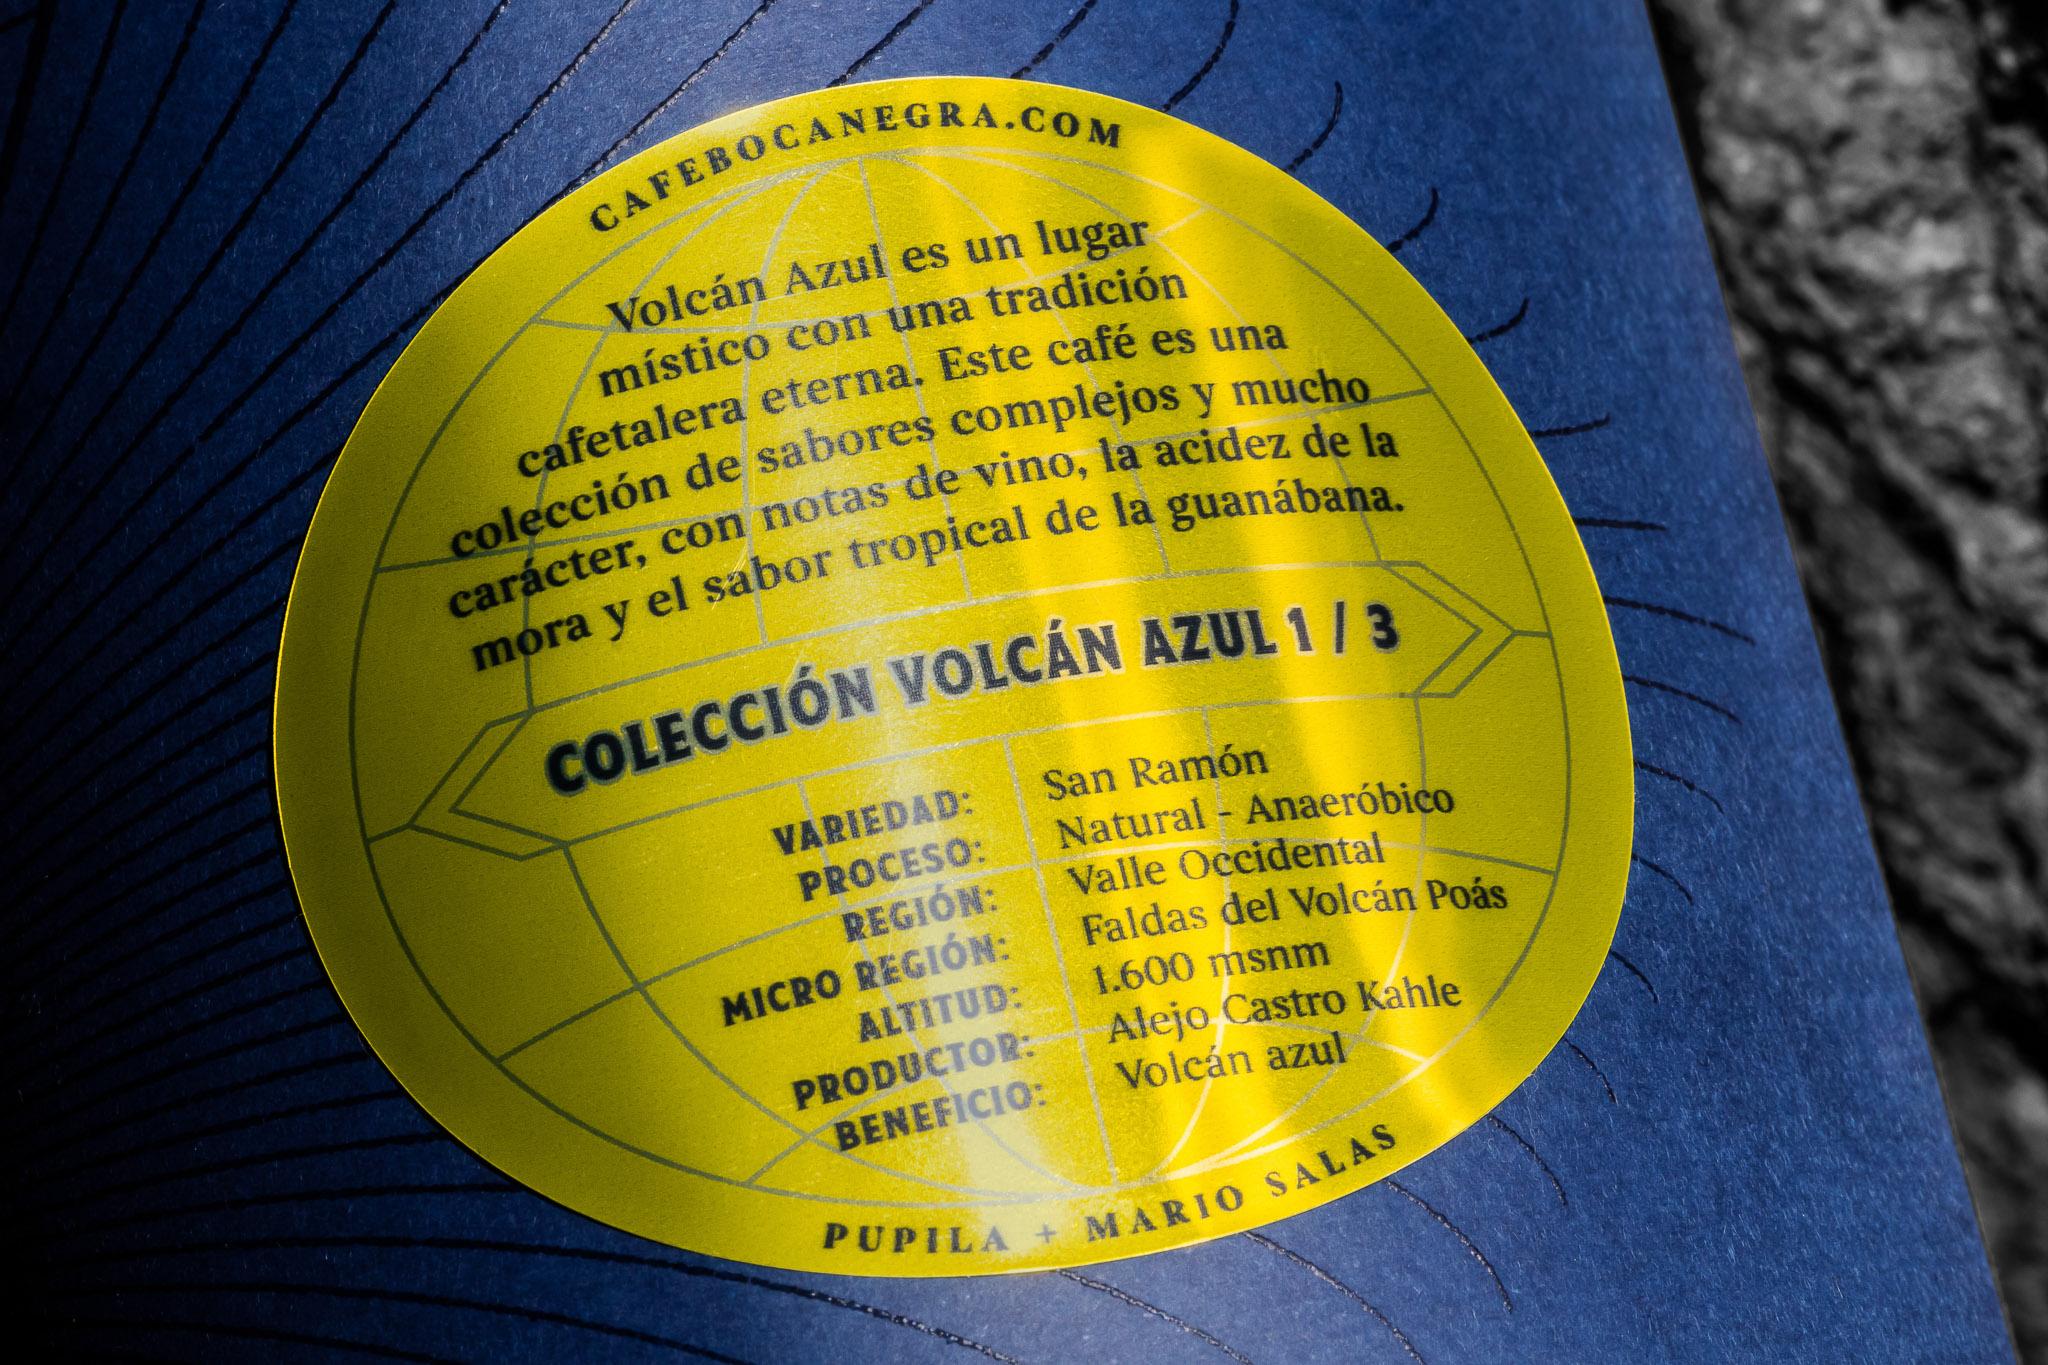 VolcánAzul_WEB-0412